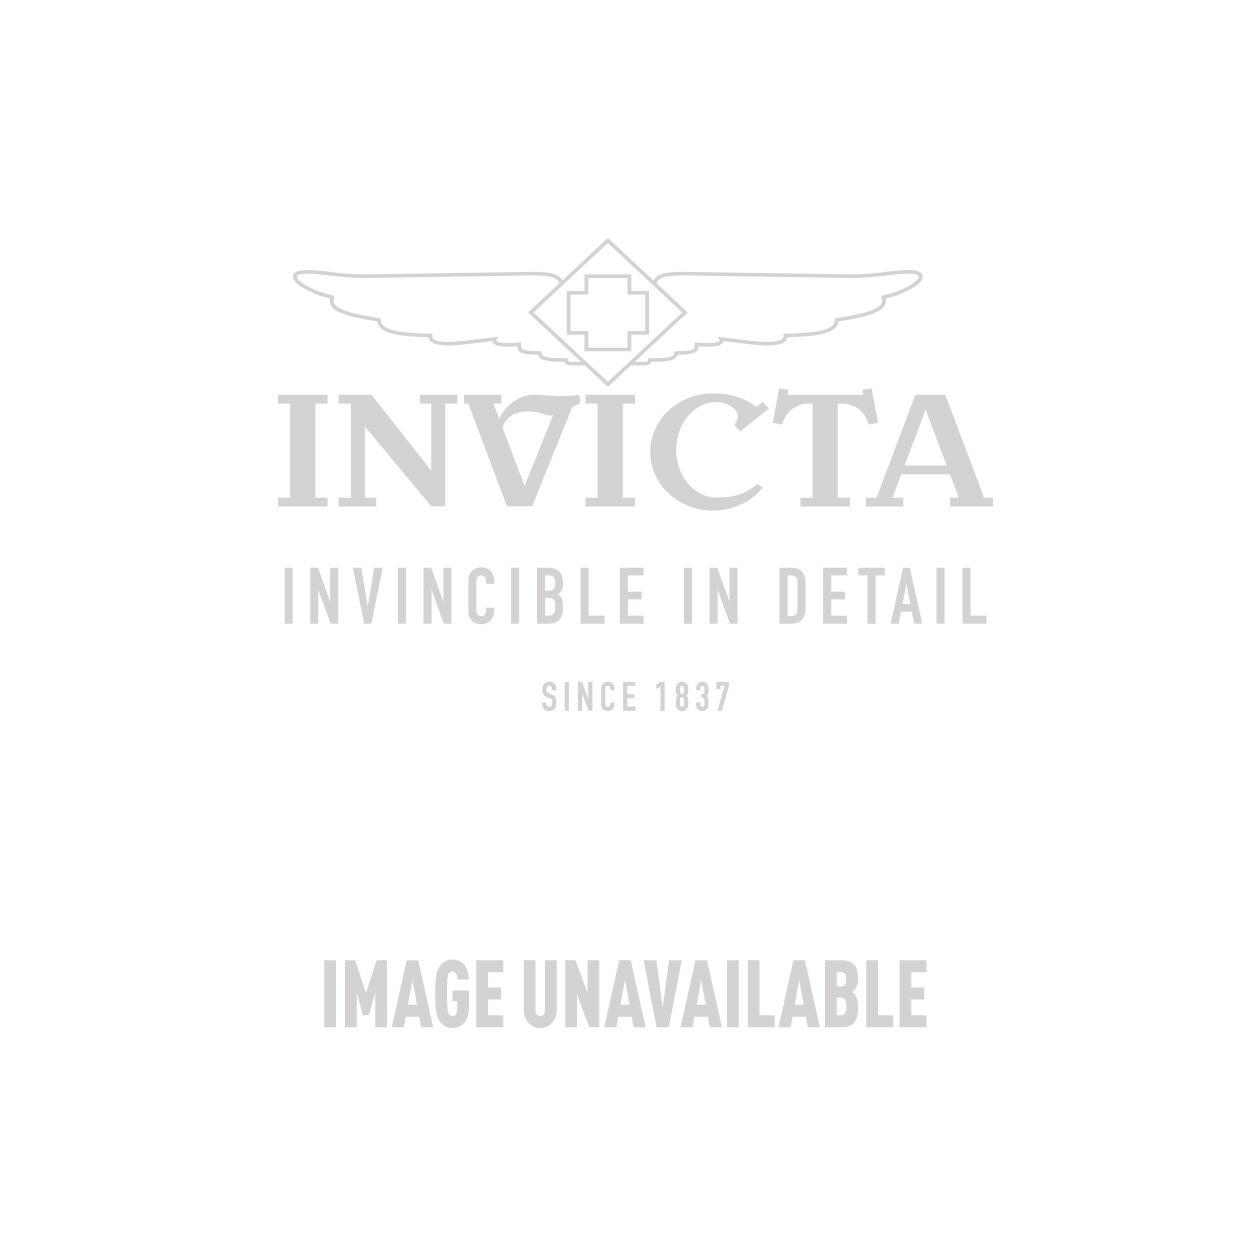 Invicta Model 27486